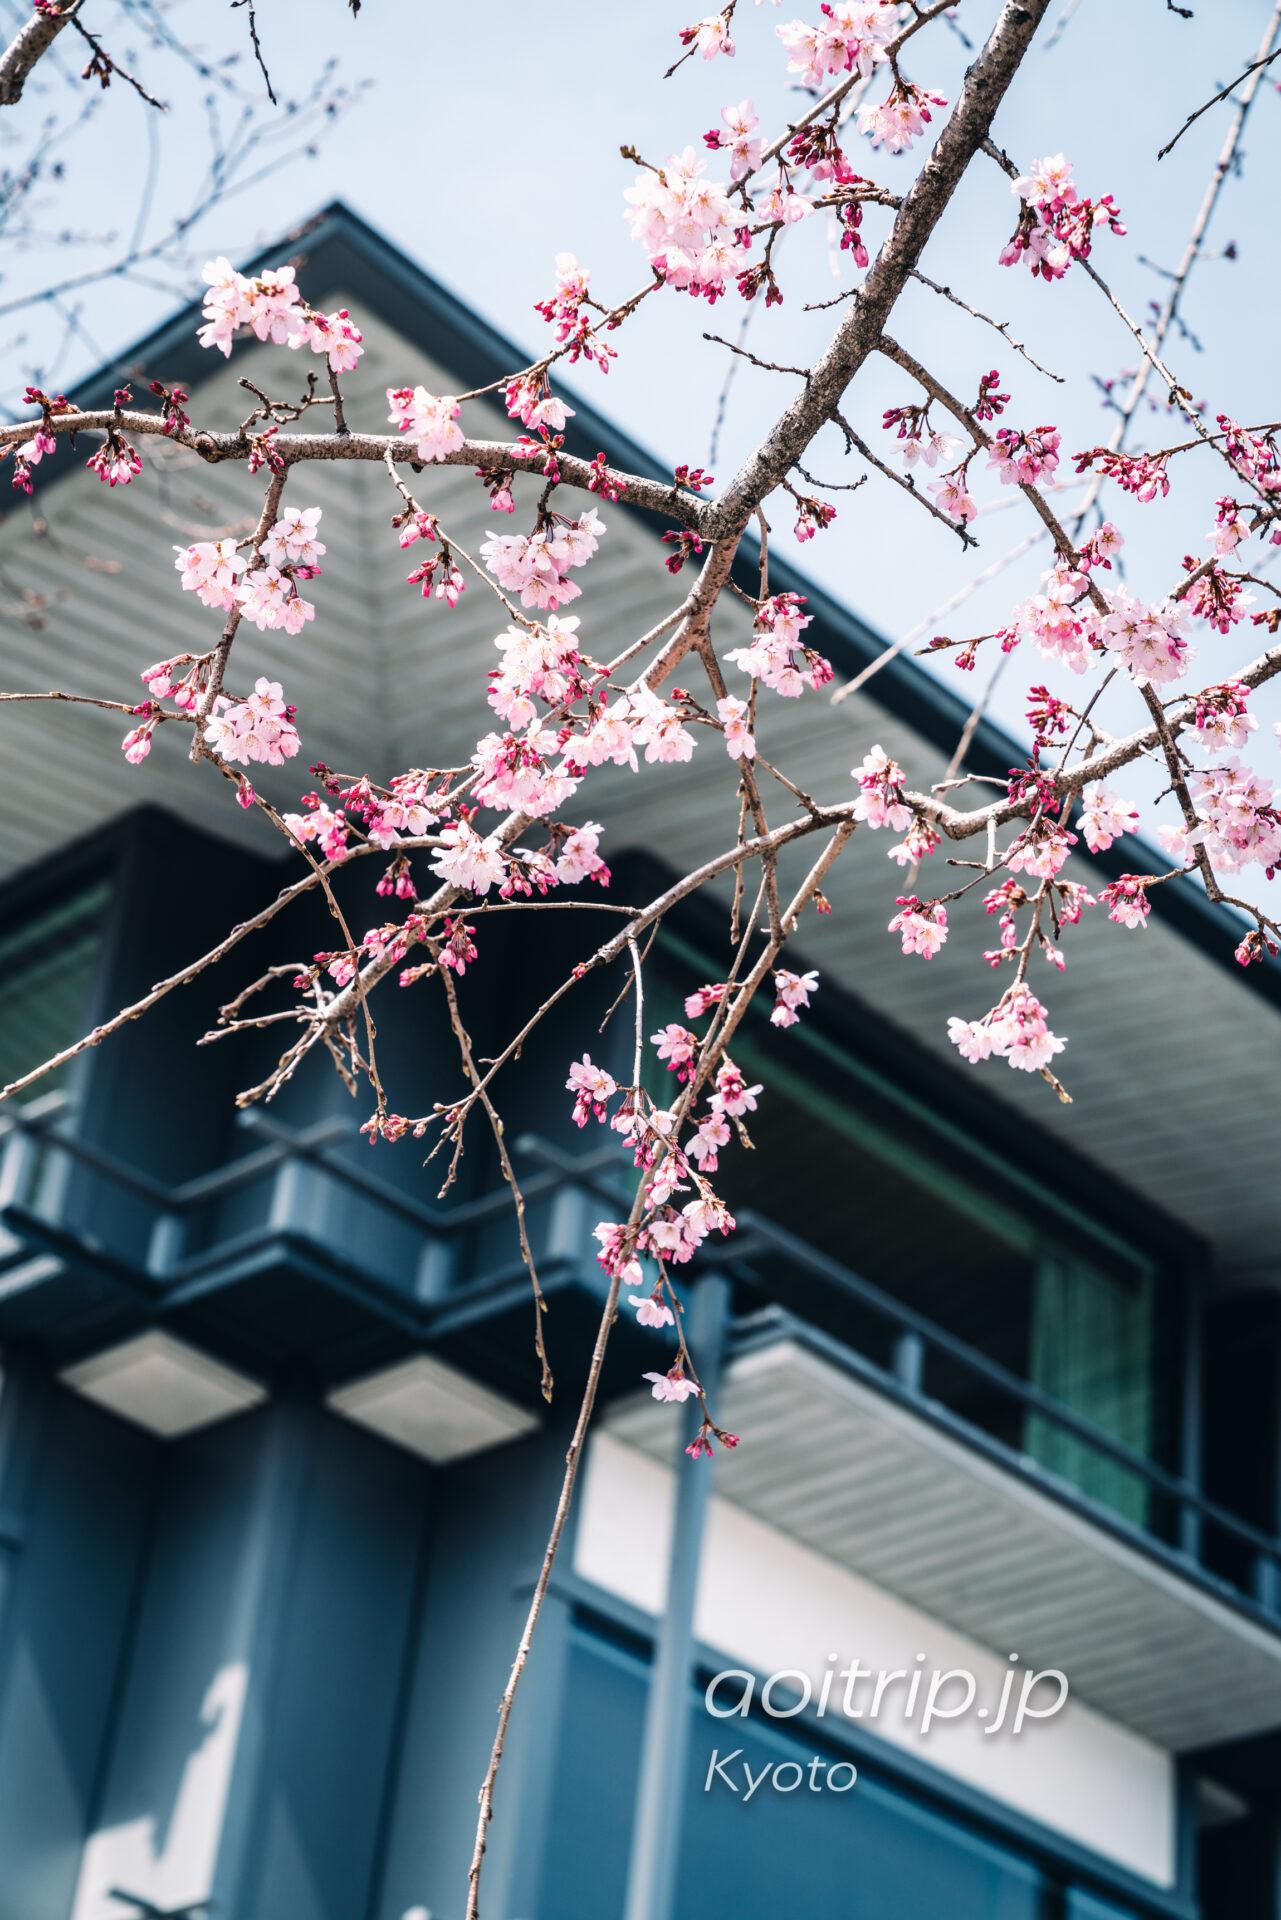 ザ リッツカールトン京都と枝垂れ桜